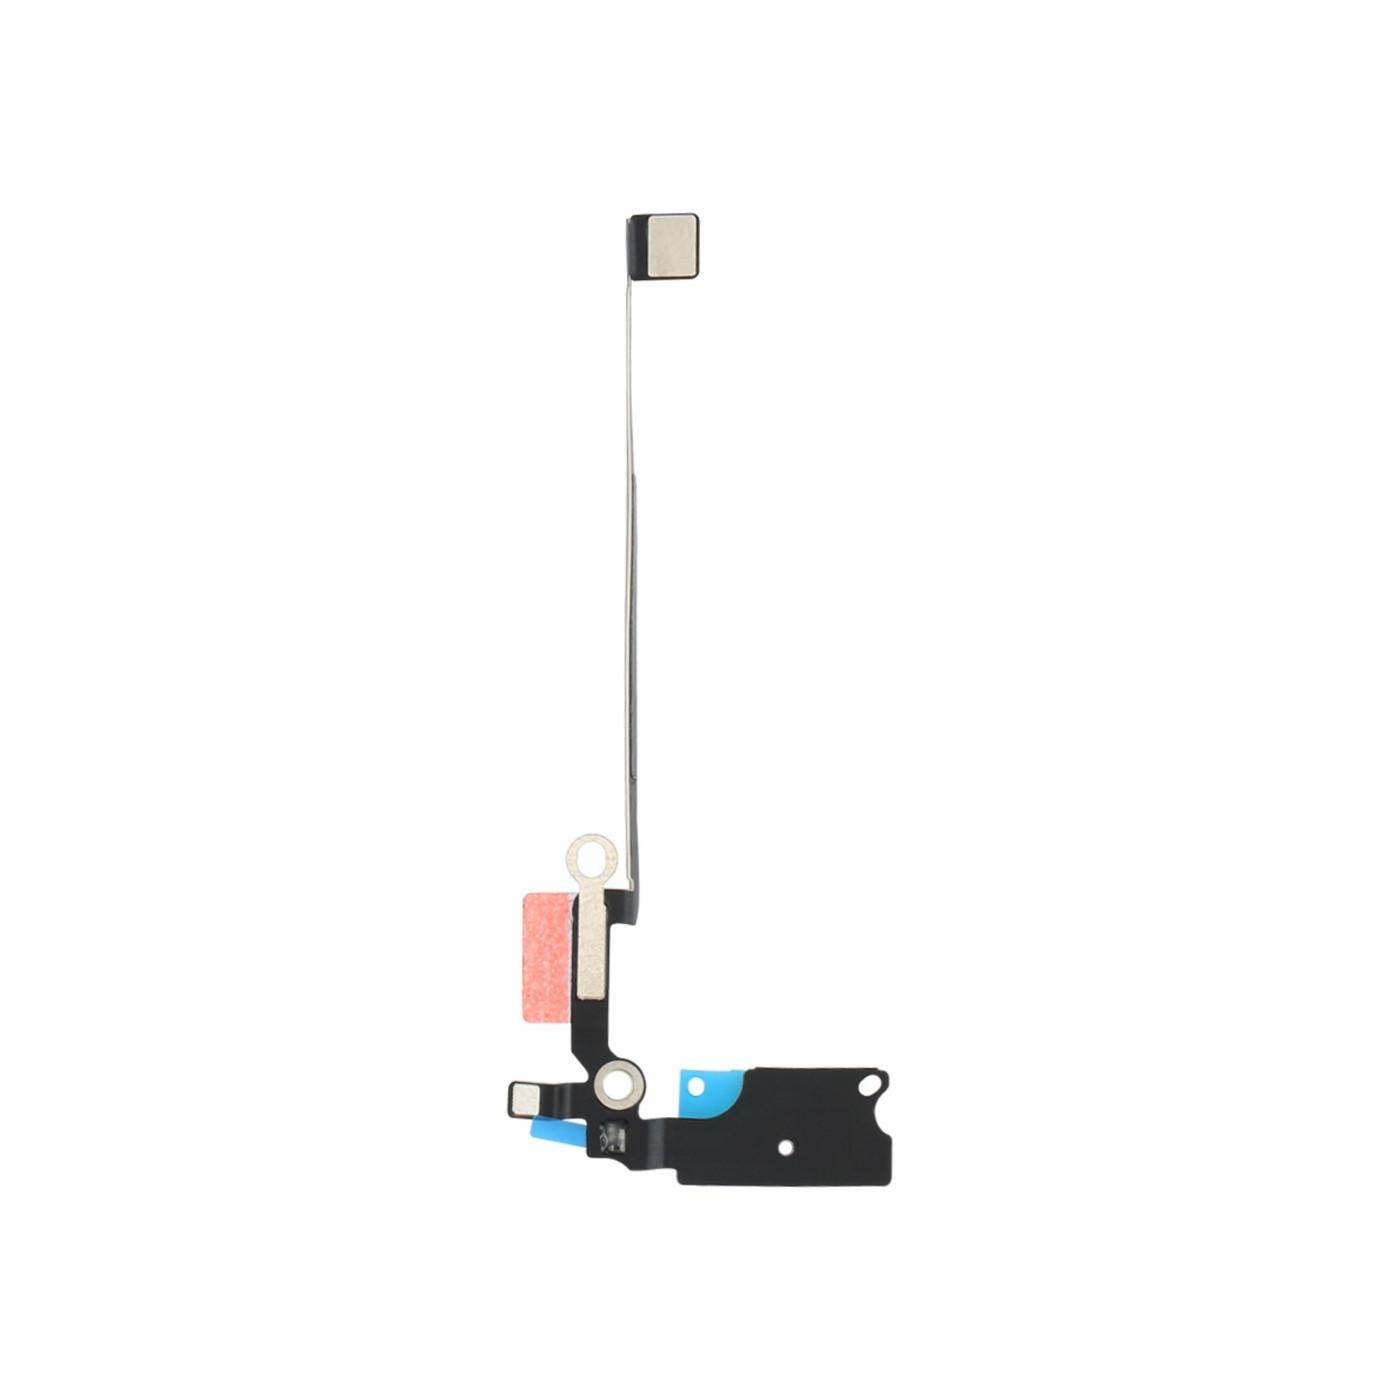 Loud speaker buzzer Iphone 8 PLUS casse soneria